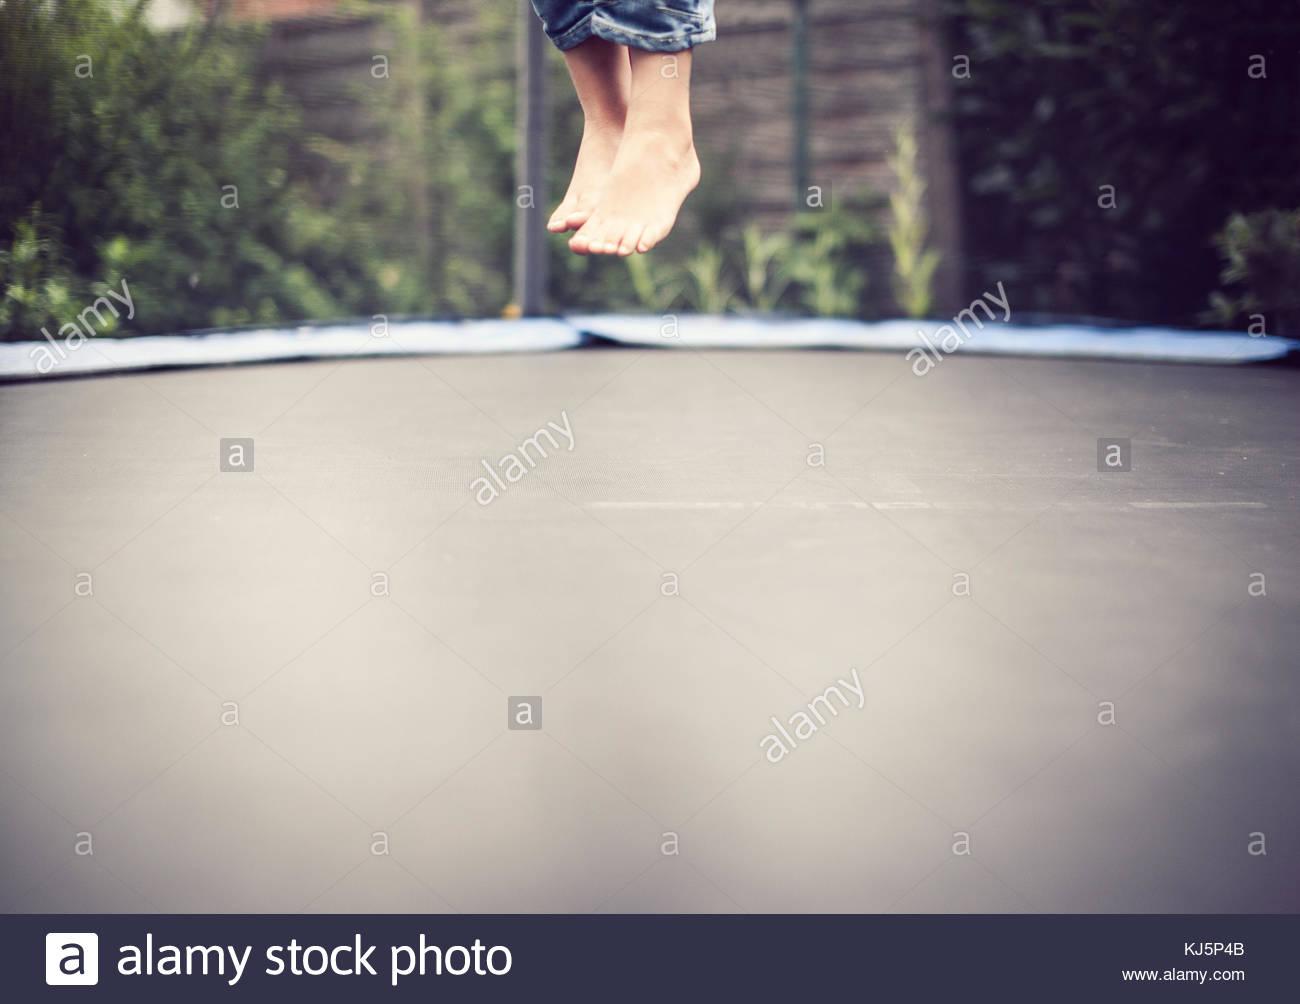 Trampolino di salto dei piedi Immagini Stock